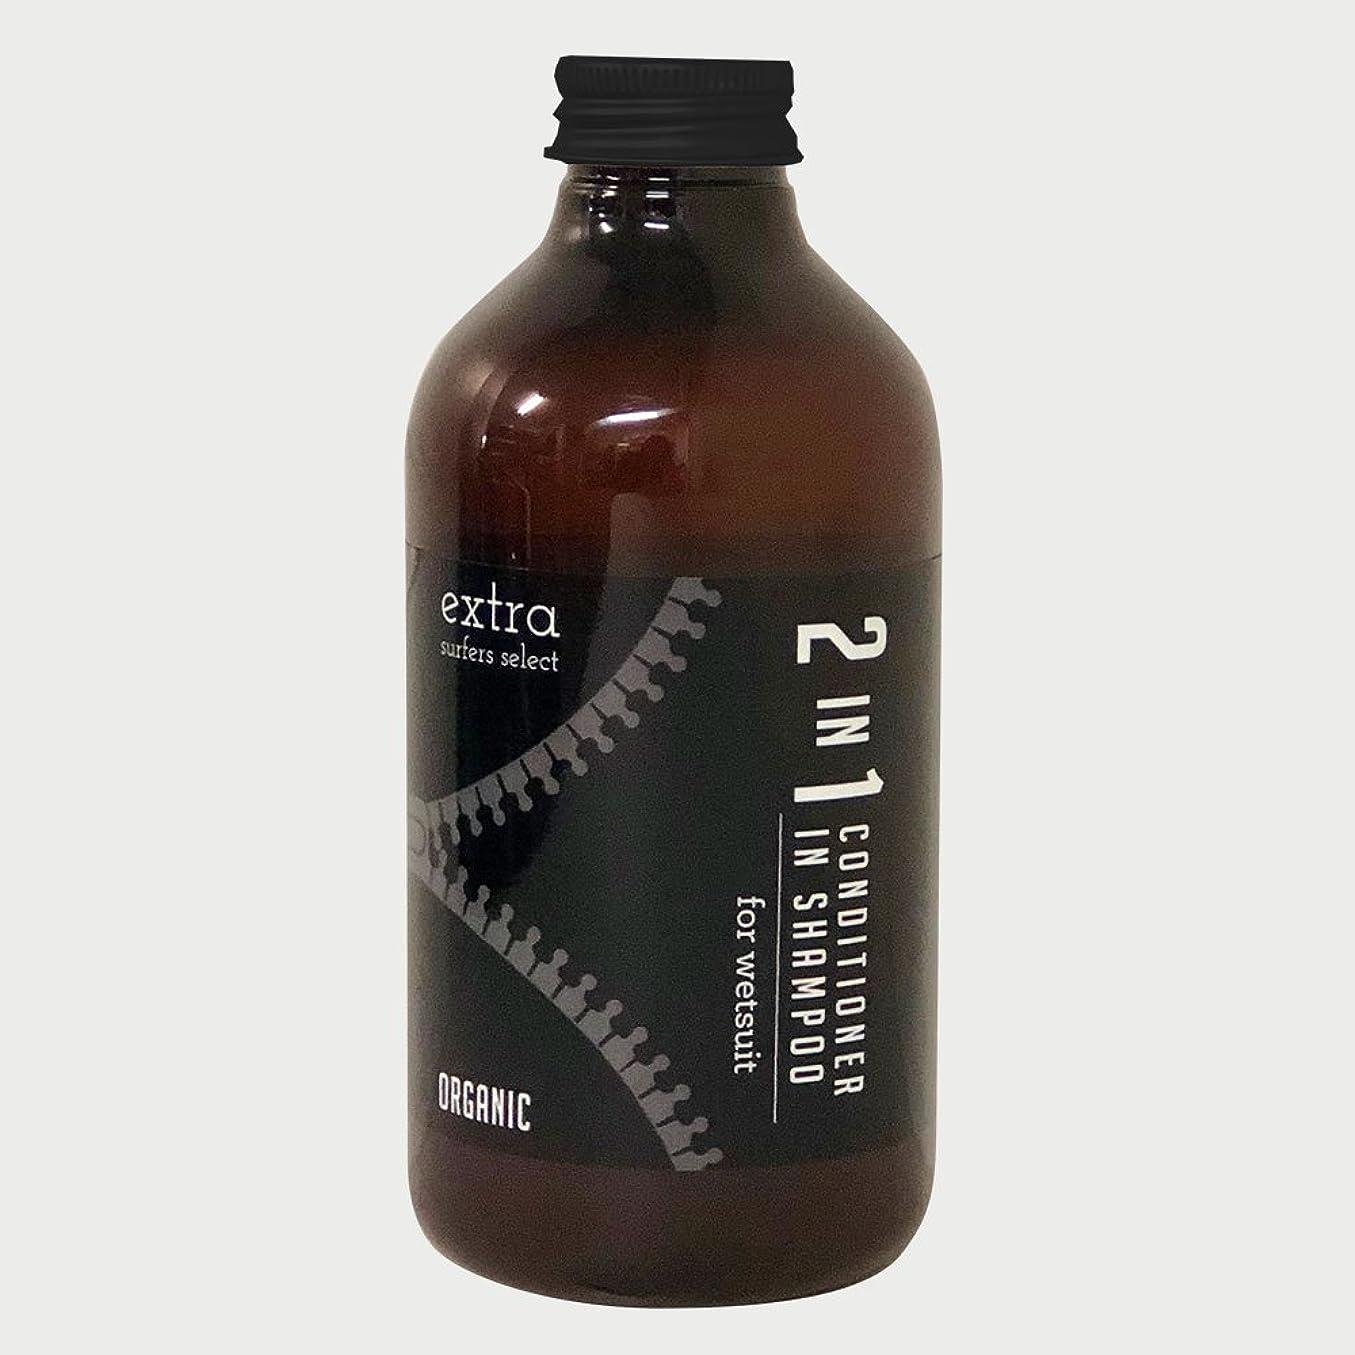 プレビュー留め金バイバイEXTRA エクストラ サーフィン ウェットコンディショナーインシャンプー Wet Suits Conditioner in Shampoo Organic 2in1 オーガニック Z-04X00000013